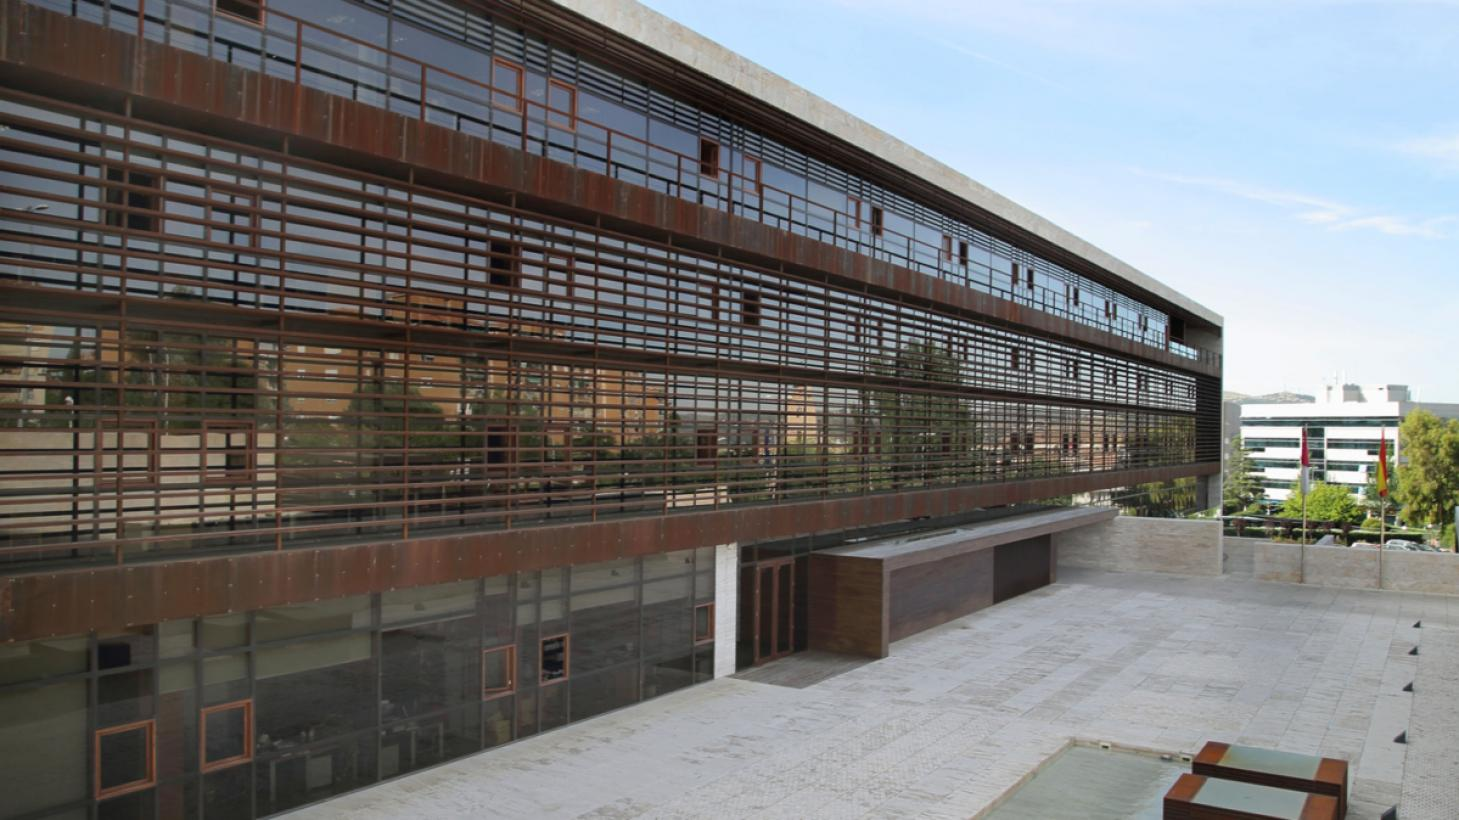 Sanidad decreta prorrogar las medidas especiales nivel 3 en Almadén, Chillón, Villanueva de los Infantes, Cózar, Torrenueva, Moral de Calatrava y Villarrubia de los Ojos